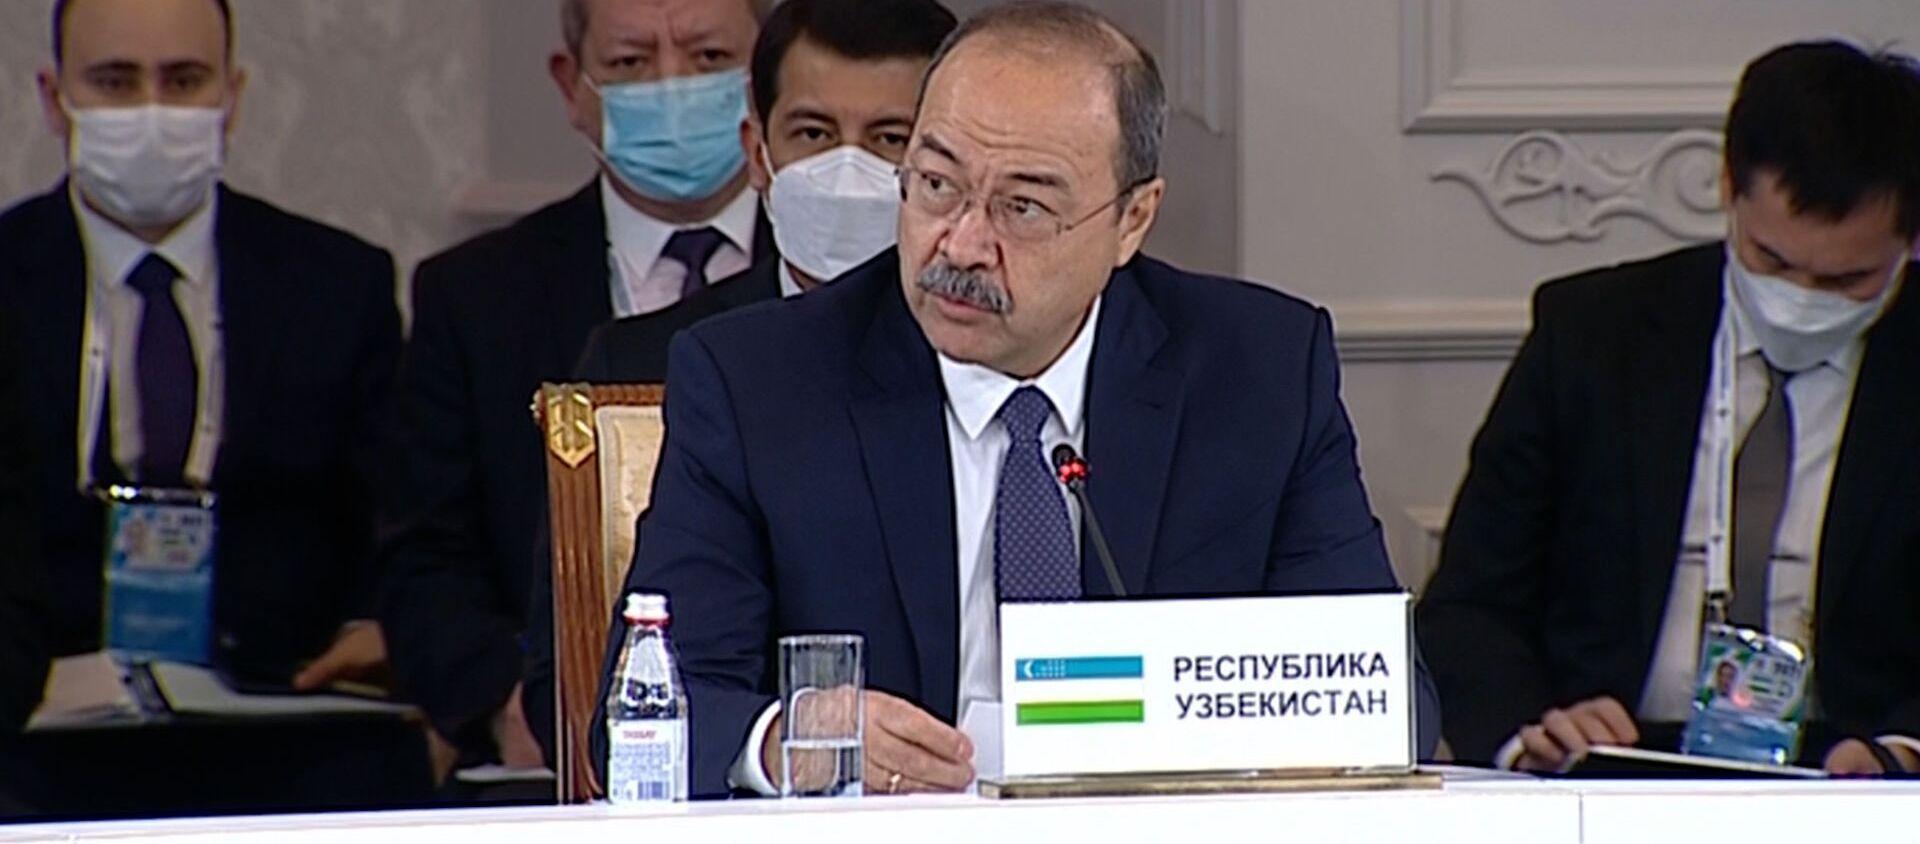 Арипов: Узбекистан готов к сотрудничеству с ЕАЭС на взаимовыгодных условиях - Sputnik Узбекистан, 1920, 05.02.2021